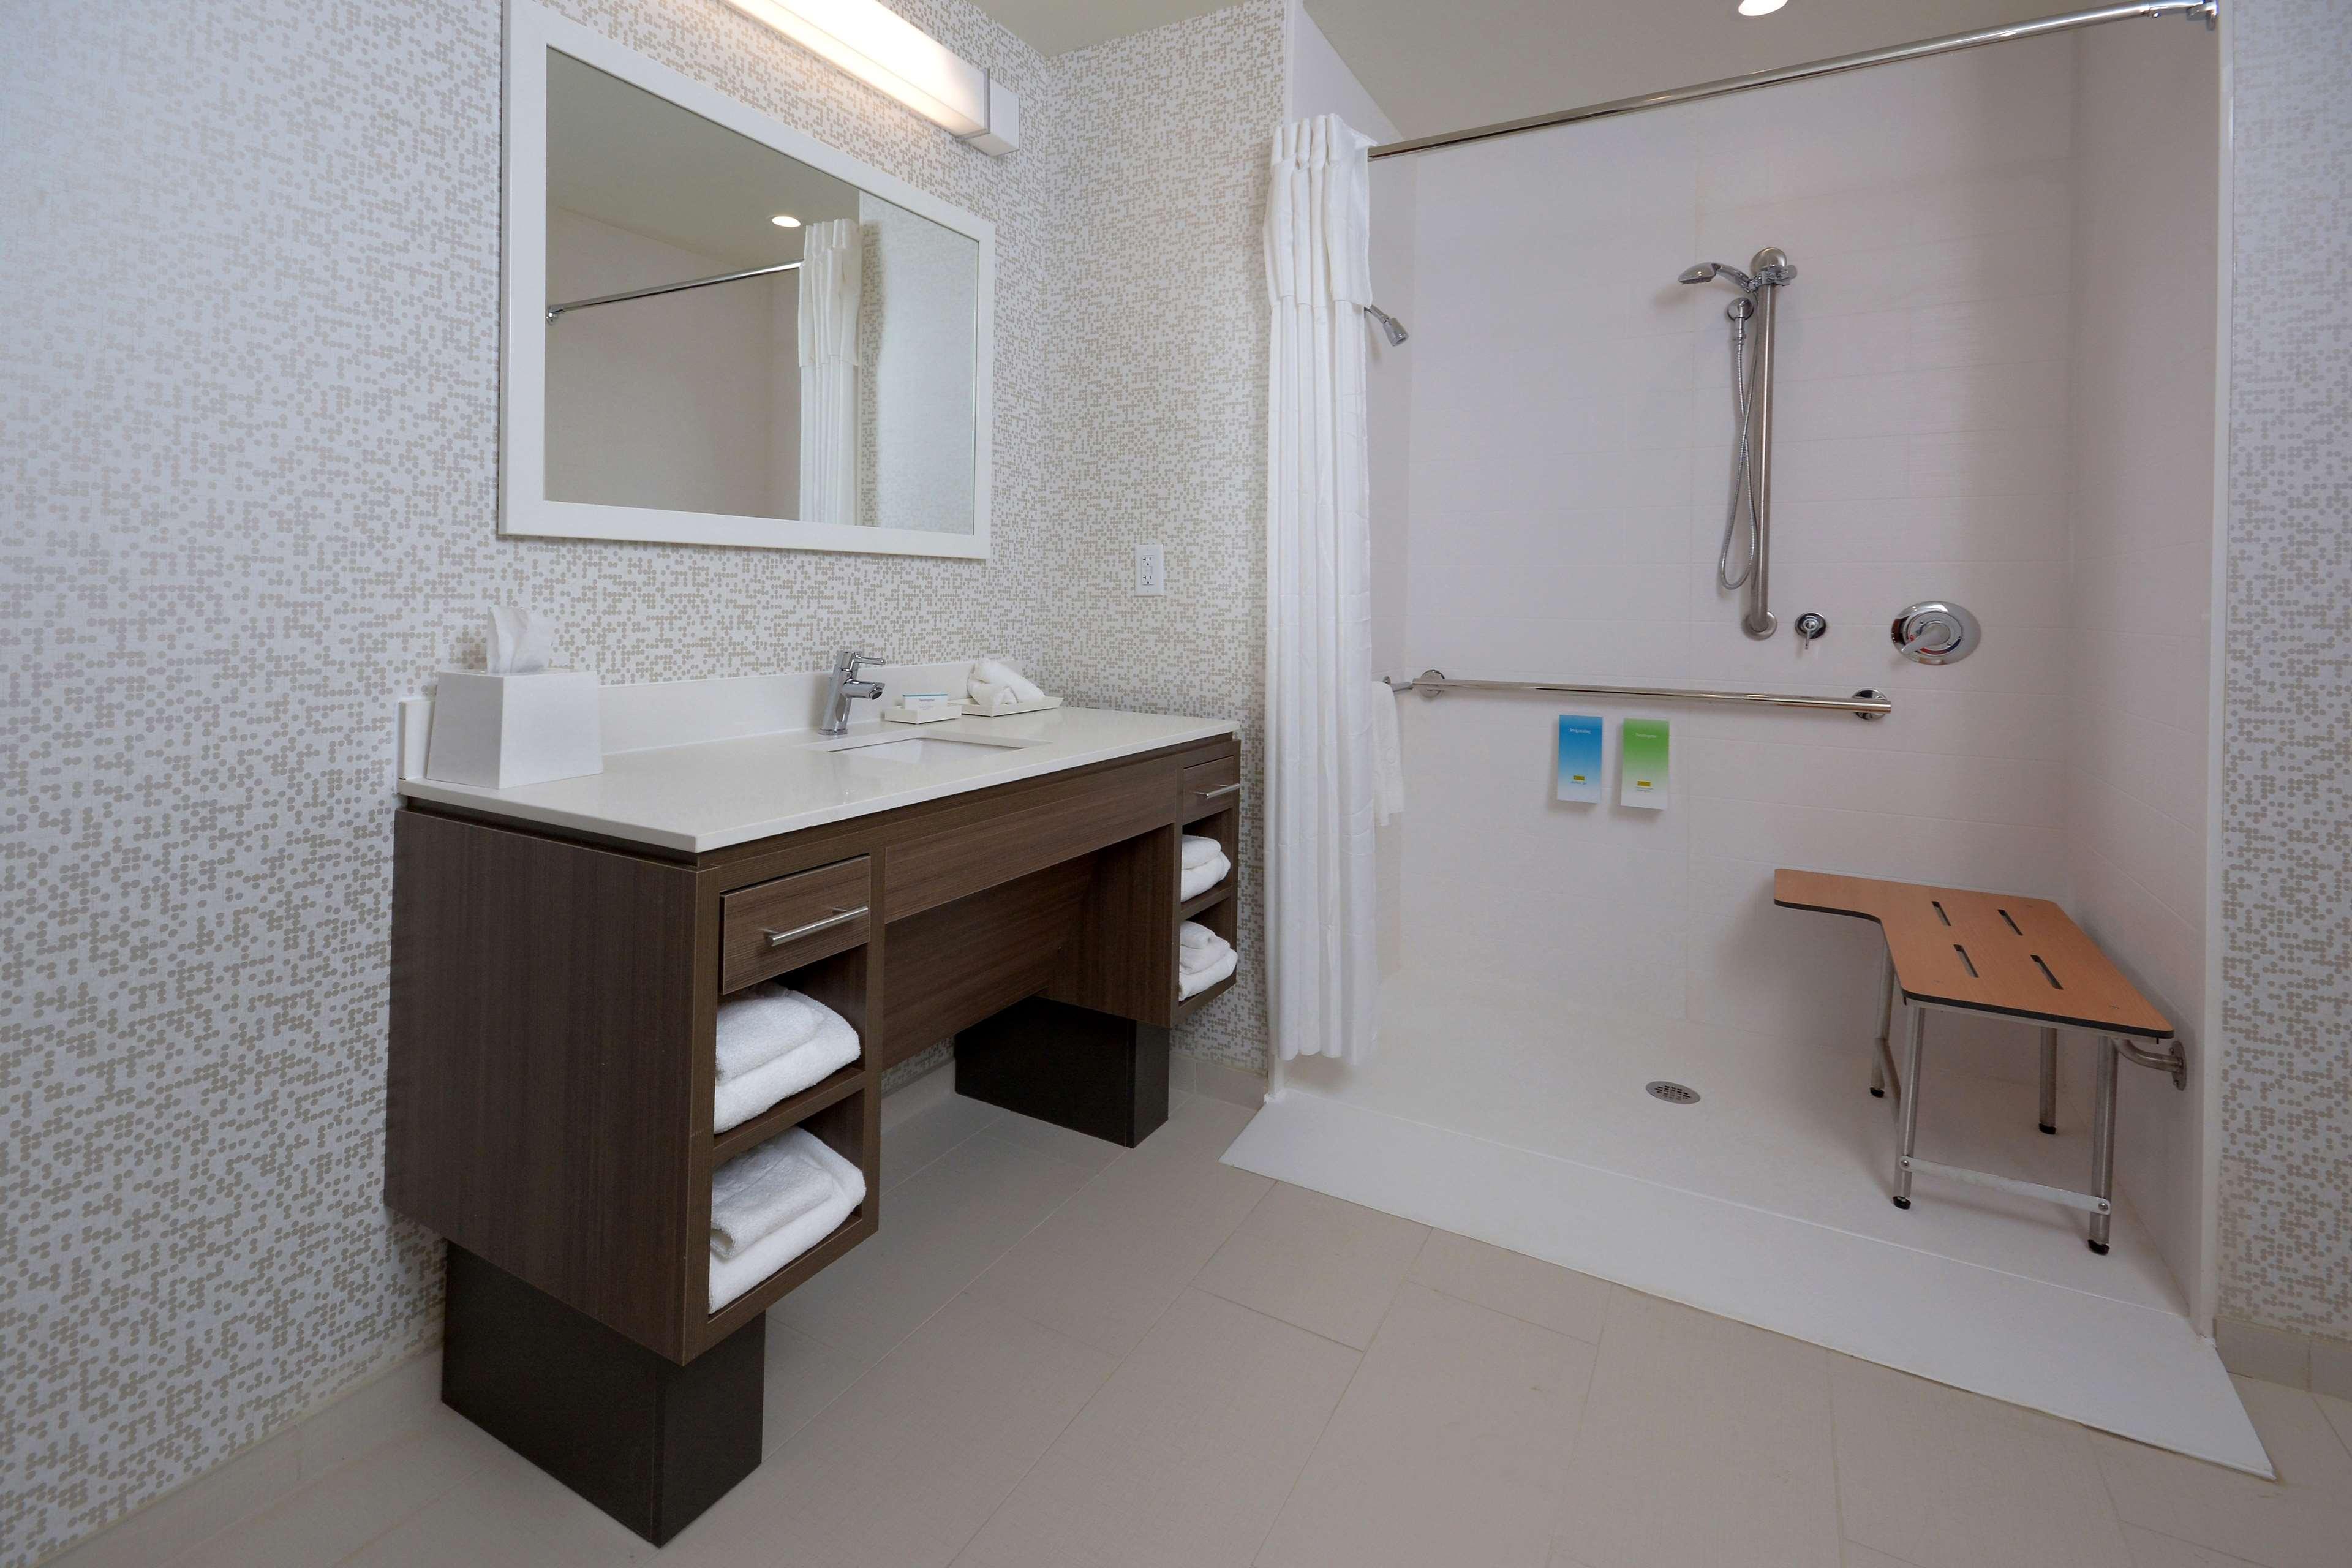 Home2 Suites by Hilton Duncan image 13